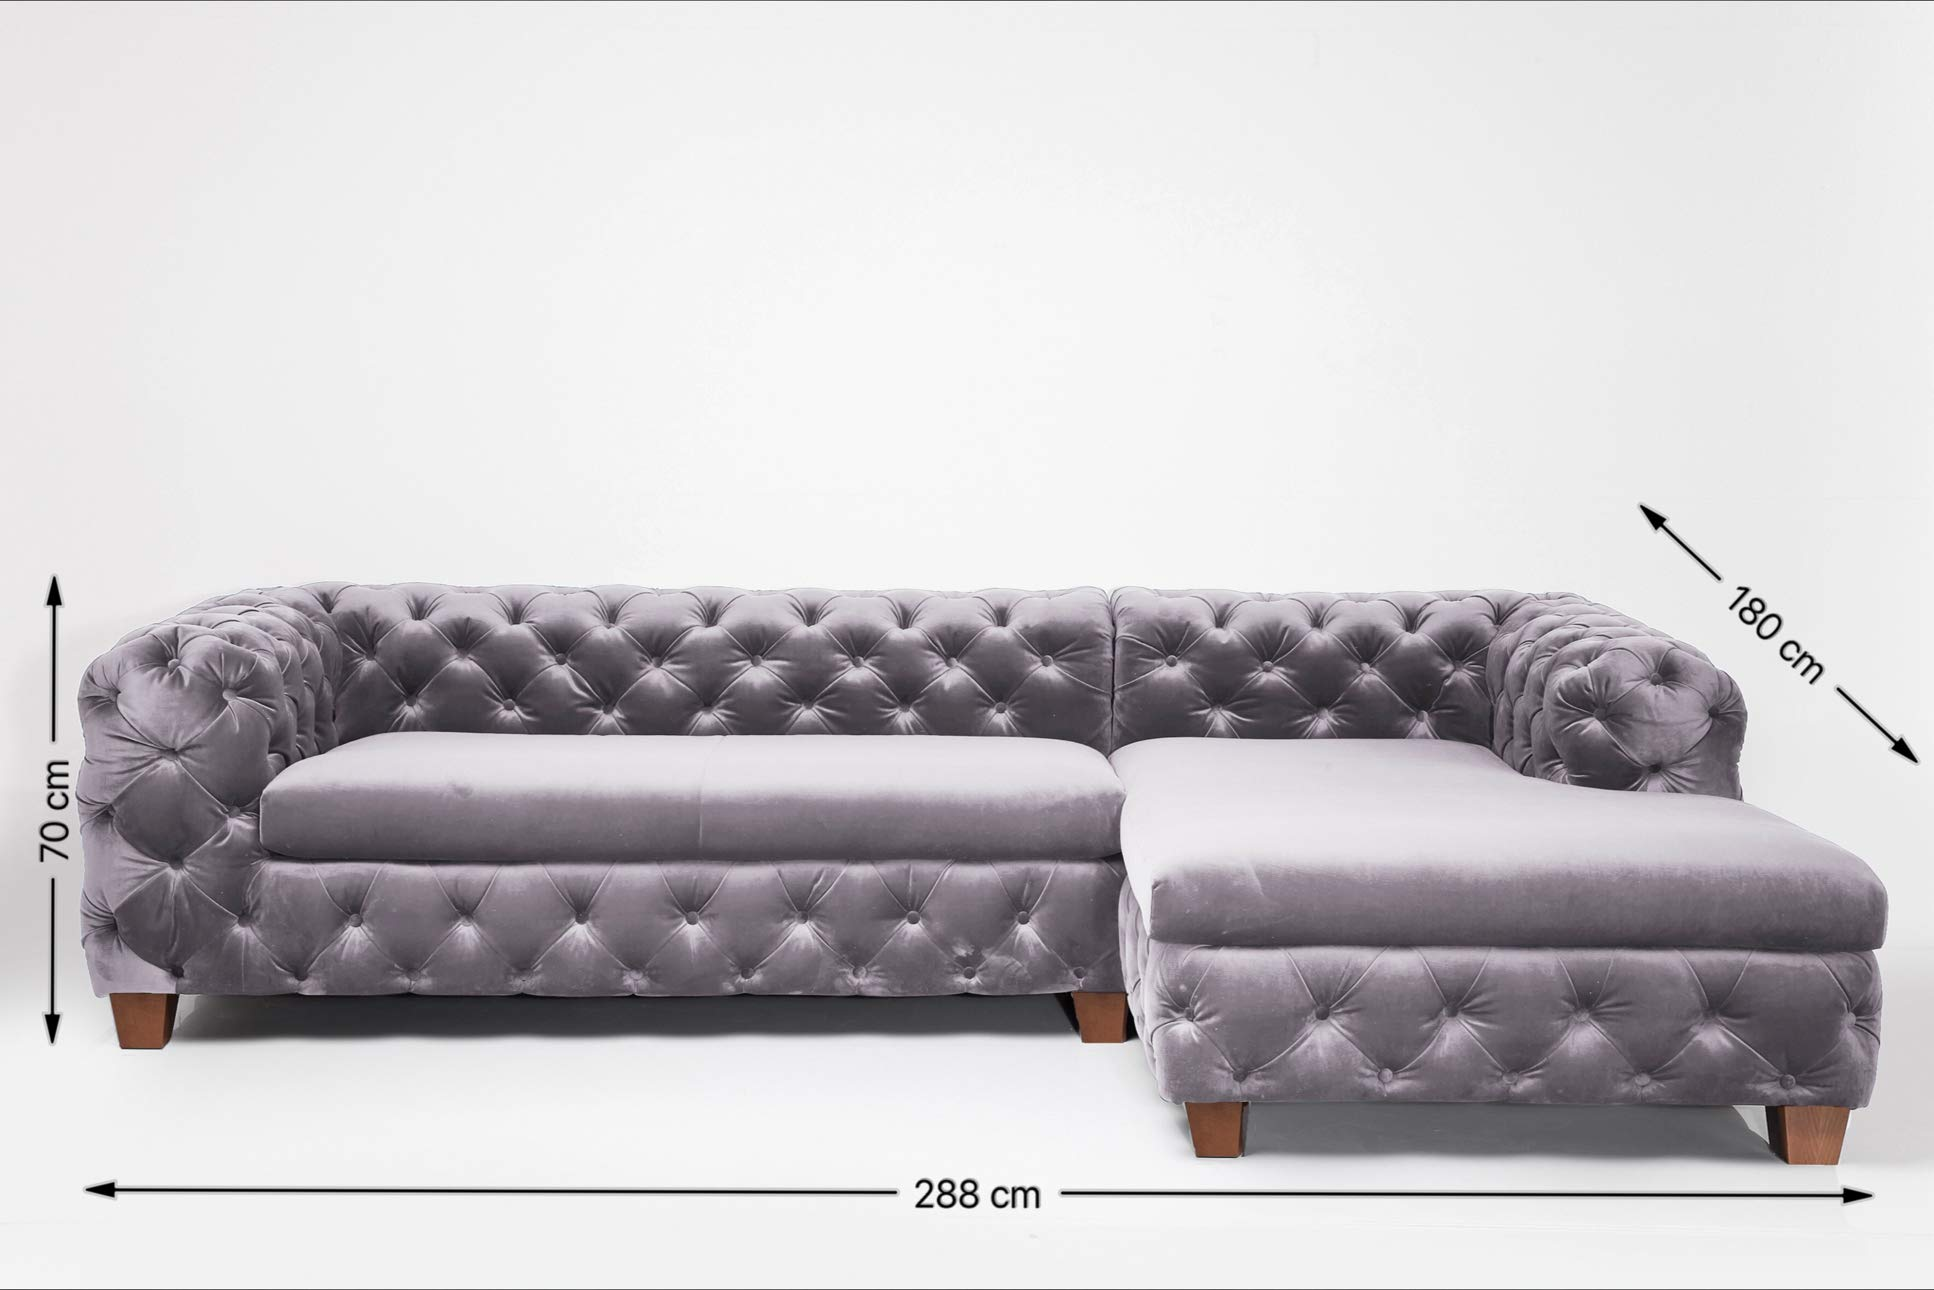 Full Size of Riess Ambiente Couch Samt Sofa Bewertung Tisch Couchtisch Weiss Xxl Heaven Chesterfield Erfahrungen Akazie Kare Design Ecksofa Desire Velvet Grau Rechts Sofa Riess Ambiente Sofa